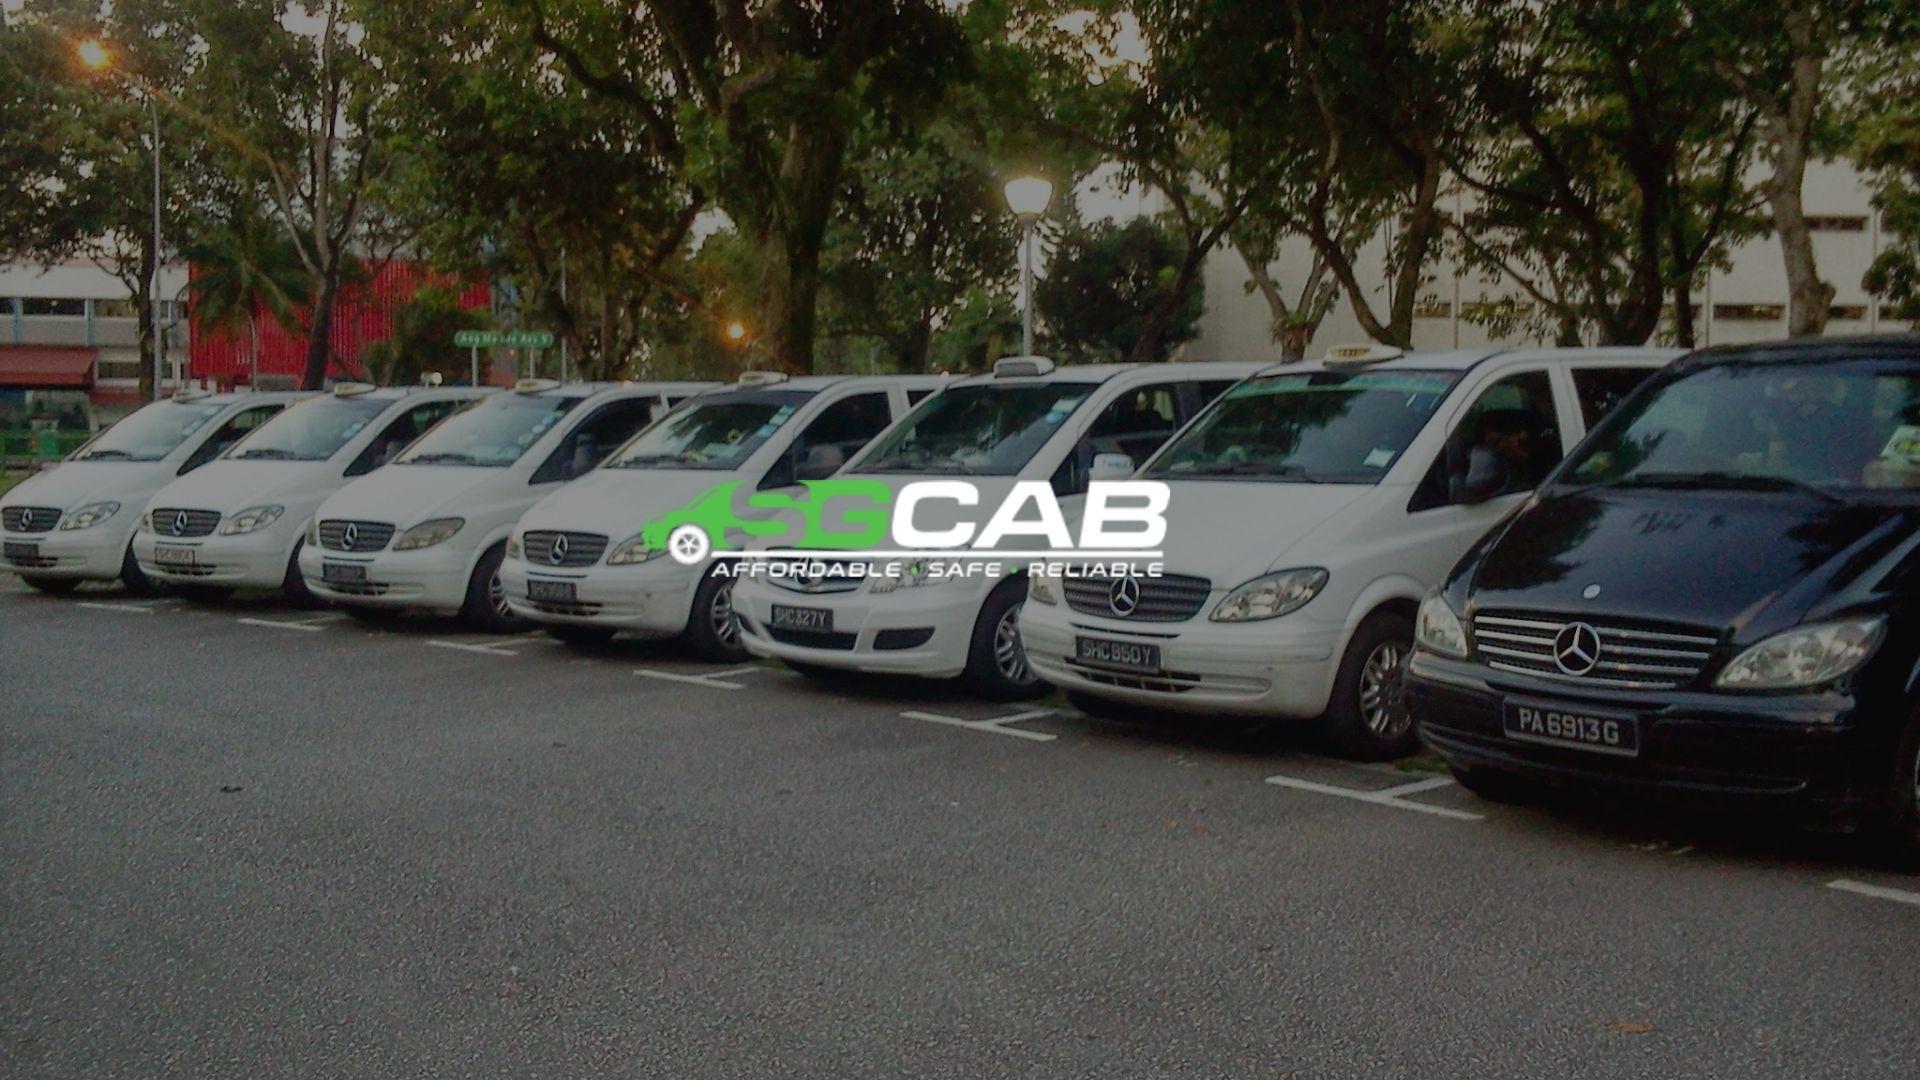 7 Seater Maxi Cab Singapore